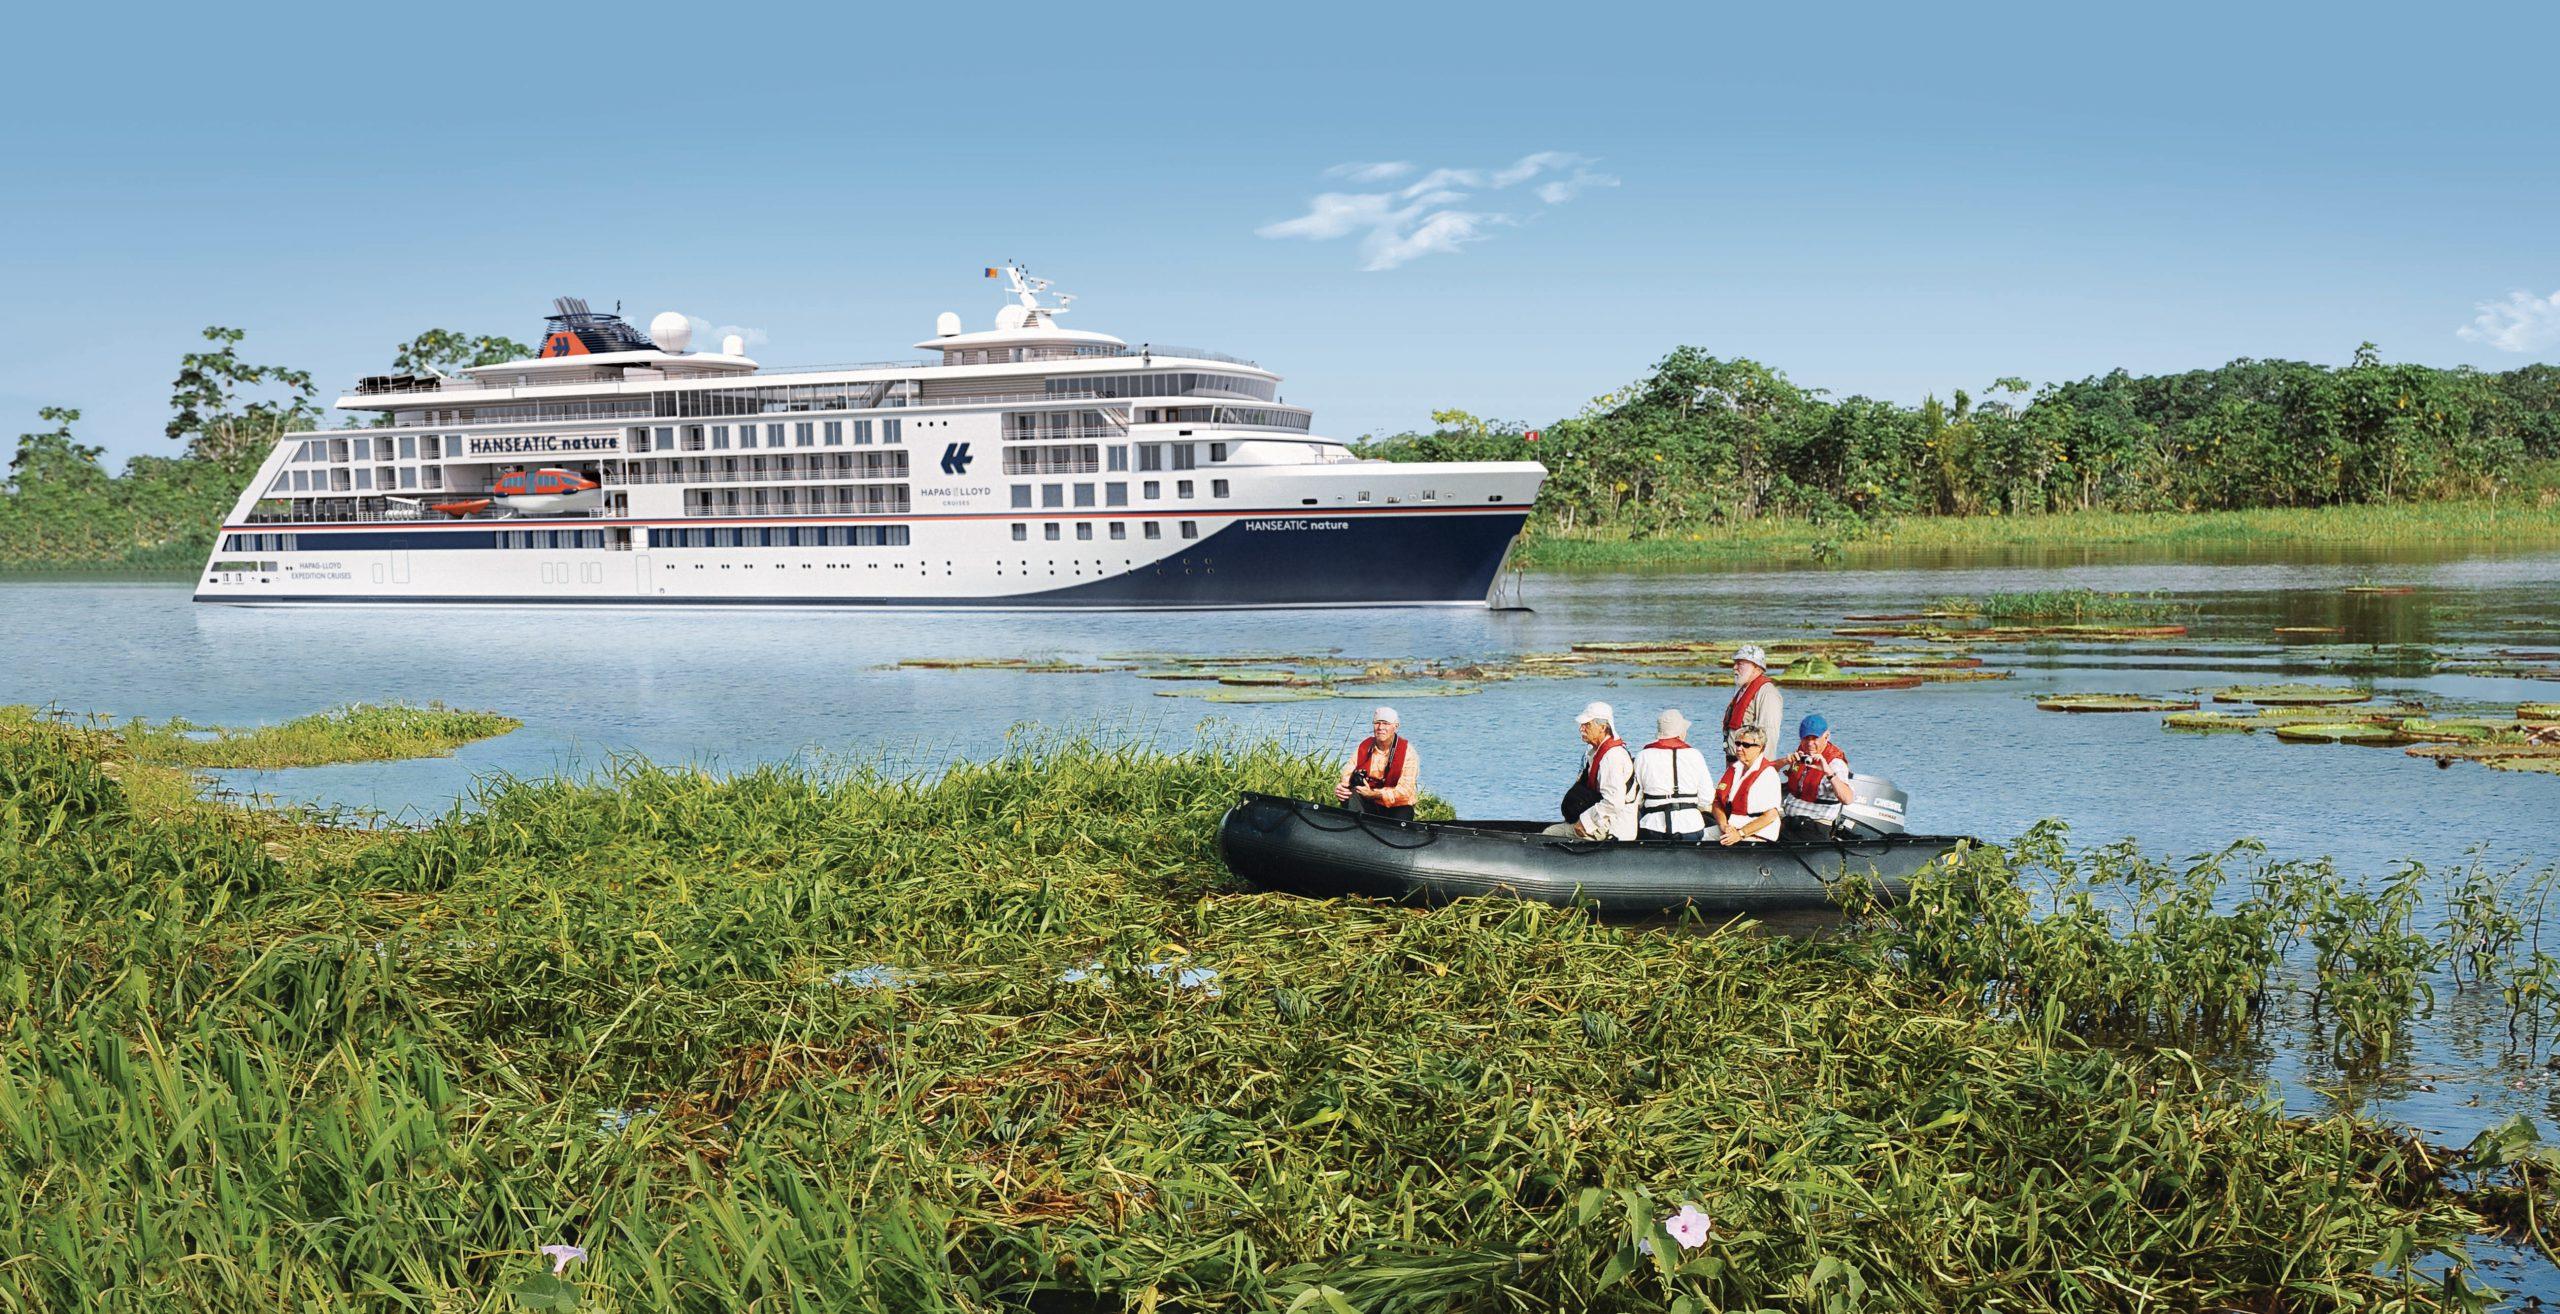 Mit dem Hauptkatalog der neuen Expeditionsklasse öffnet Hapag-Lloyd Cruises die Buchungsen für neu aufgelegte Expeditionsreisen 2022/2023.